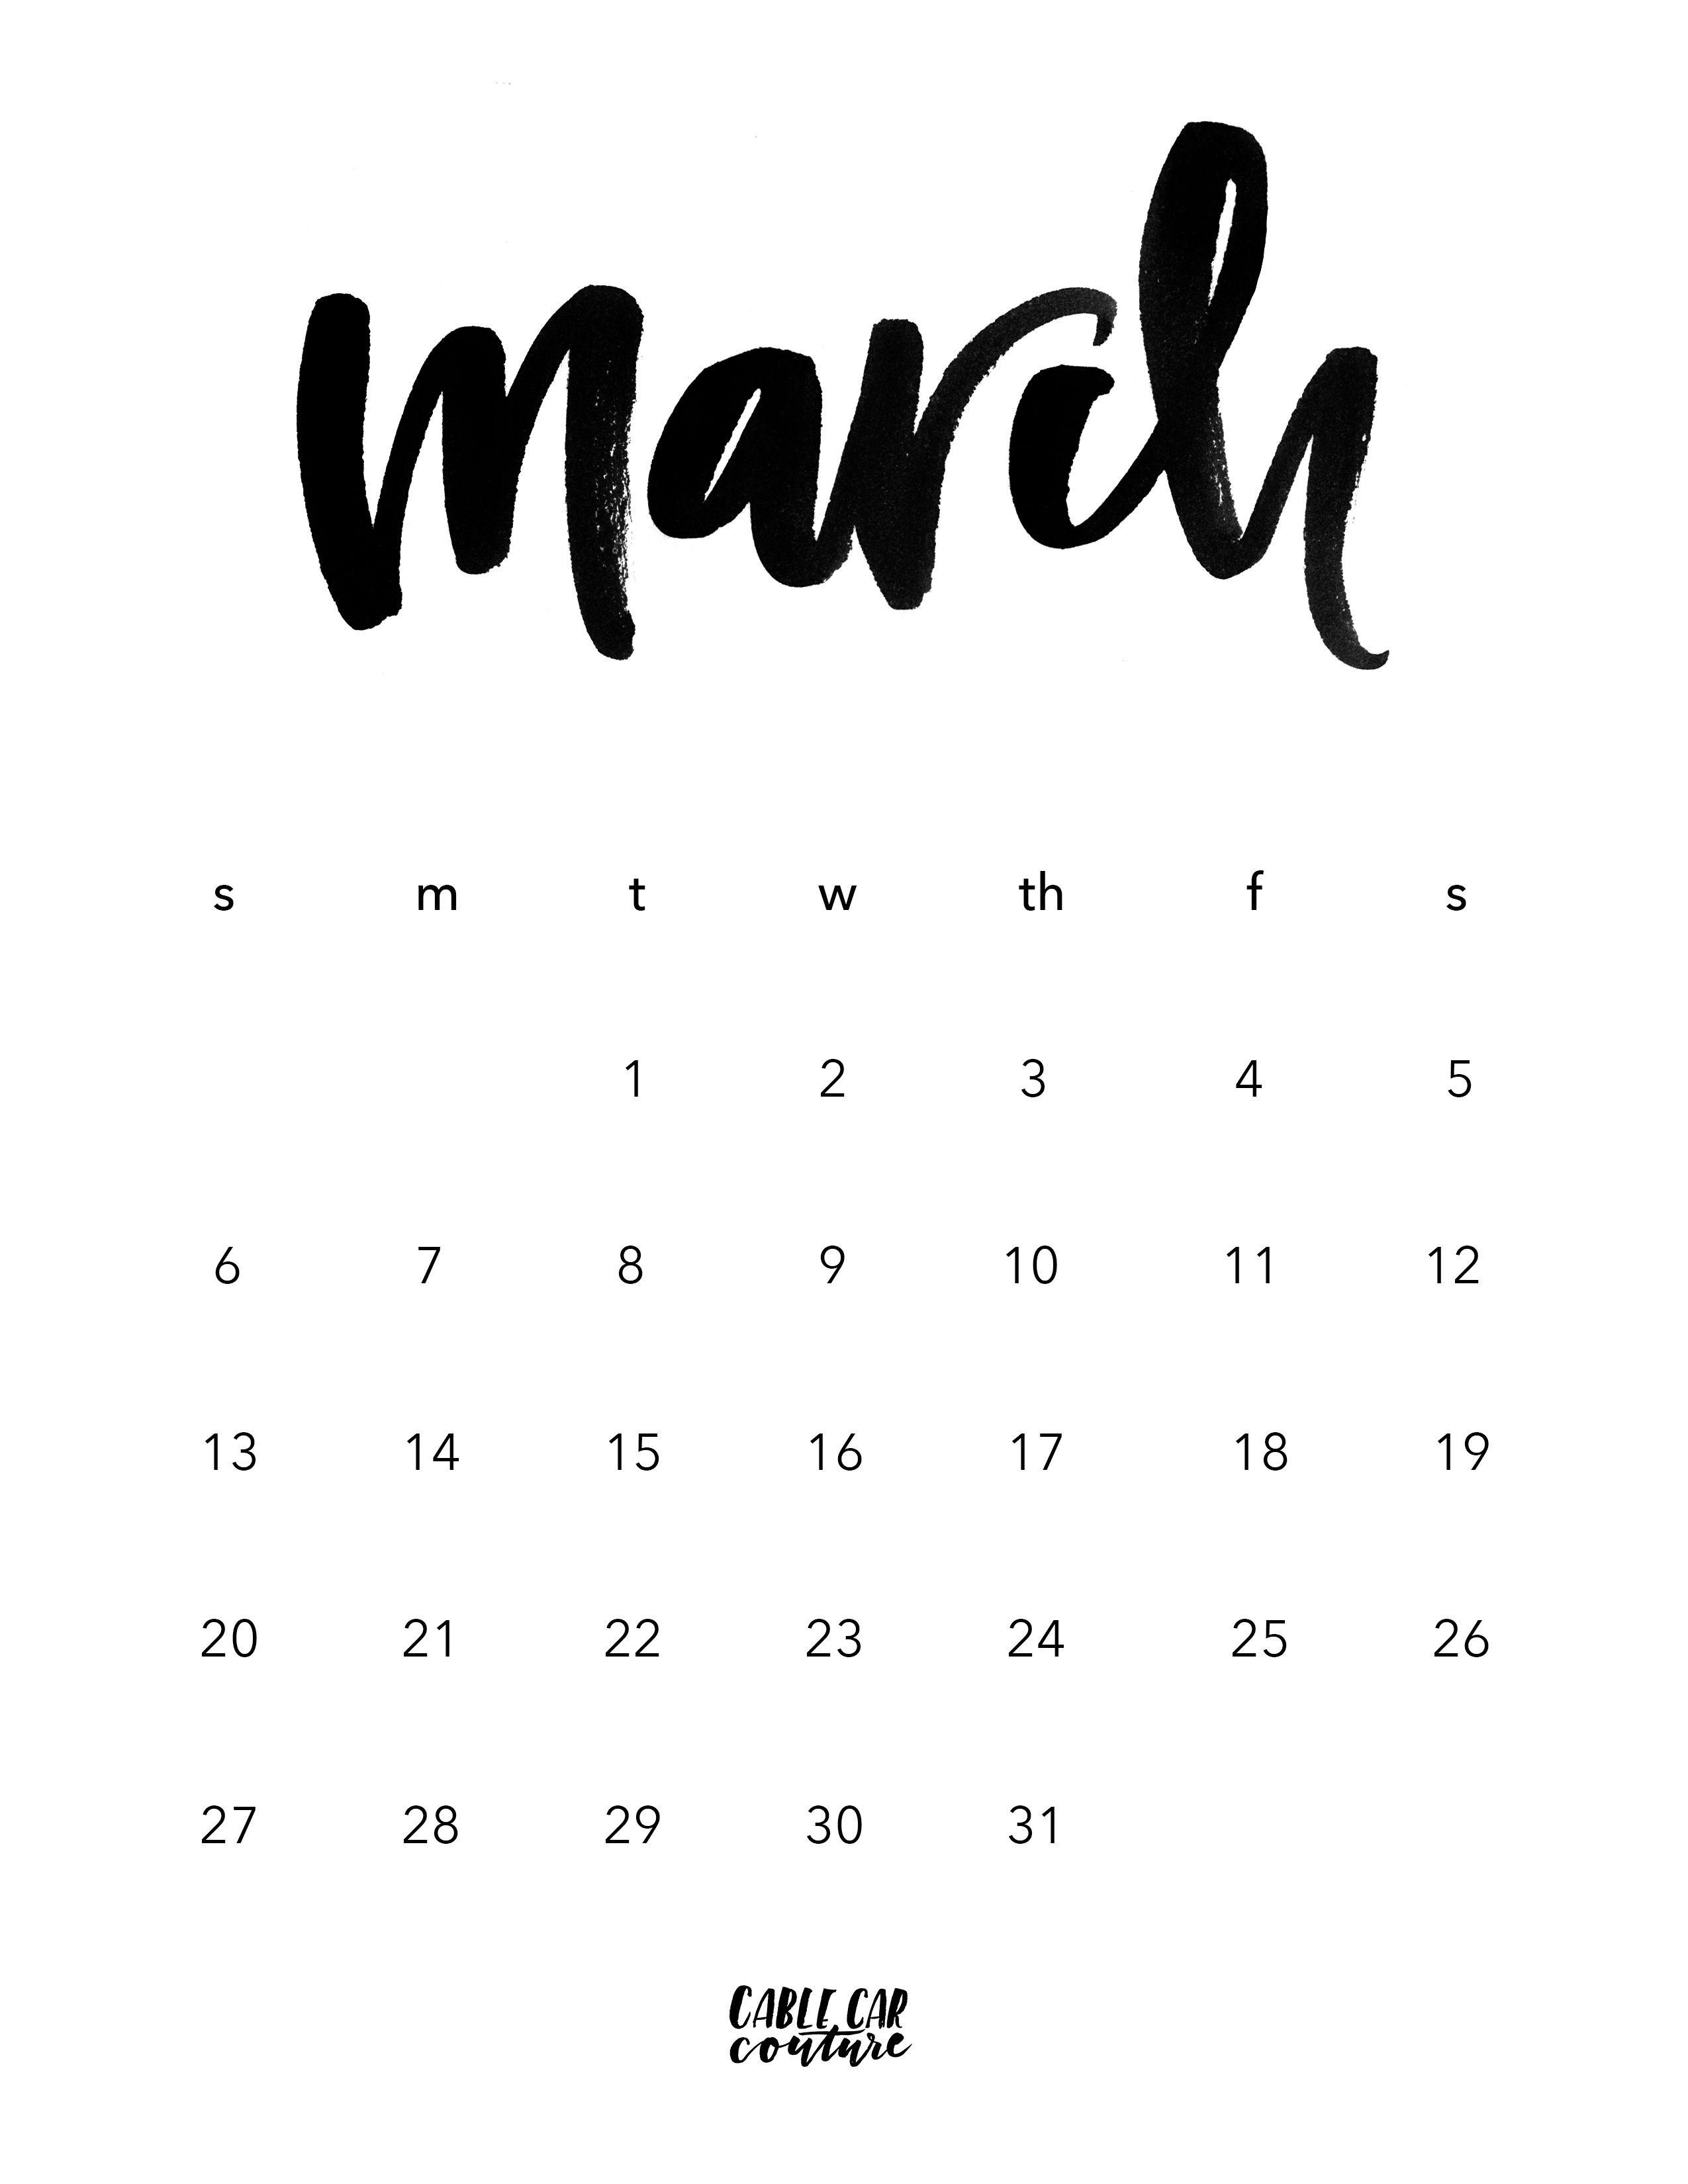 Calendario Dezembro 2017 Para Imprimir Excel Más Recientemente Liberado March Brush Calligraphy Calendar 2016 Jornal Of Calendario Dezembro 2017 Para Imprimir Excel Más Actual Maria Sissi Sambasissi No Pinterest